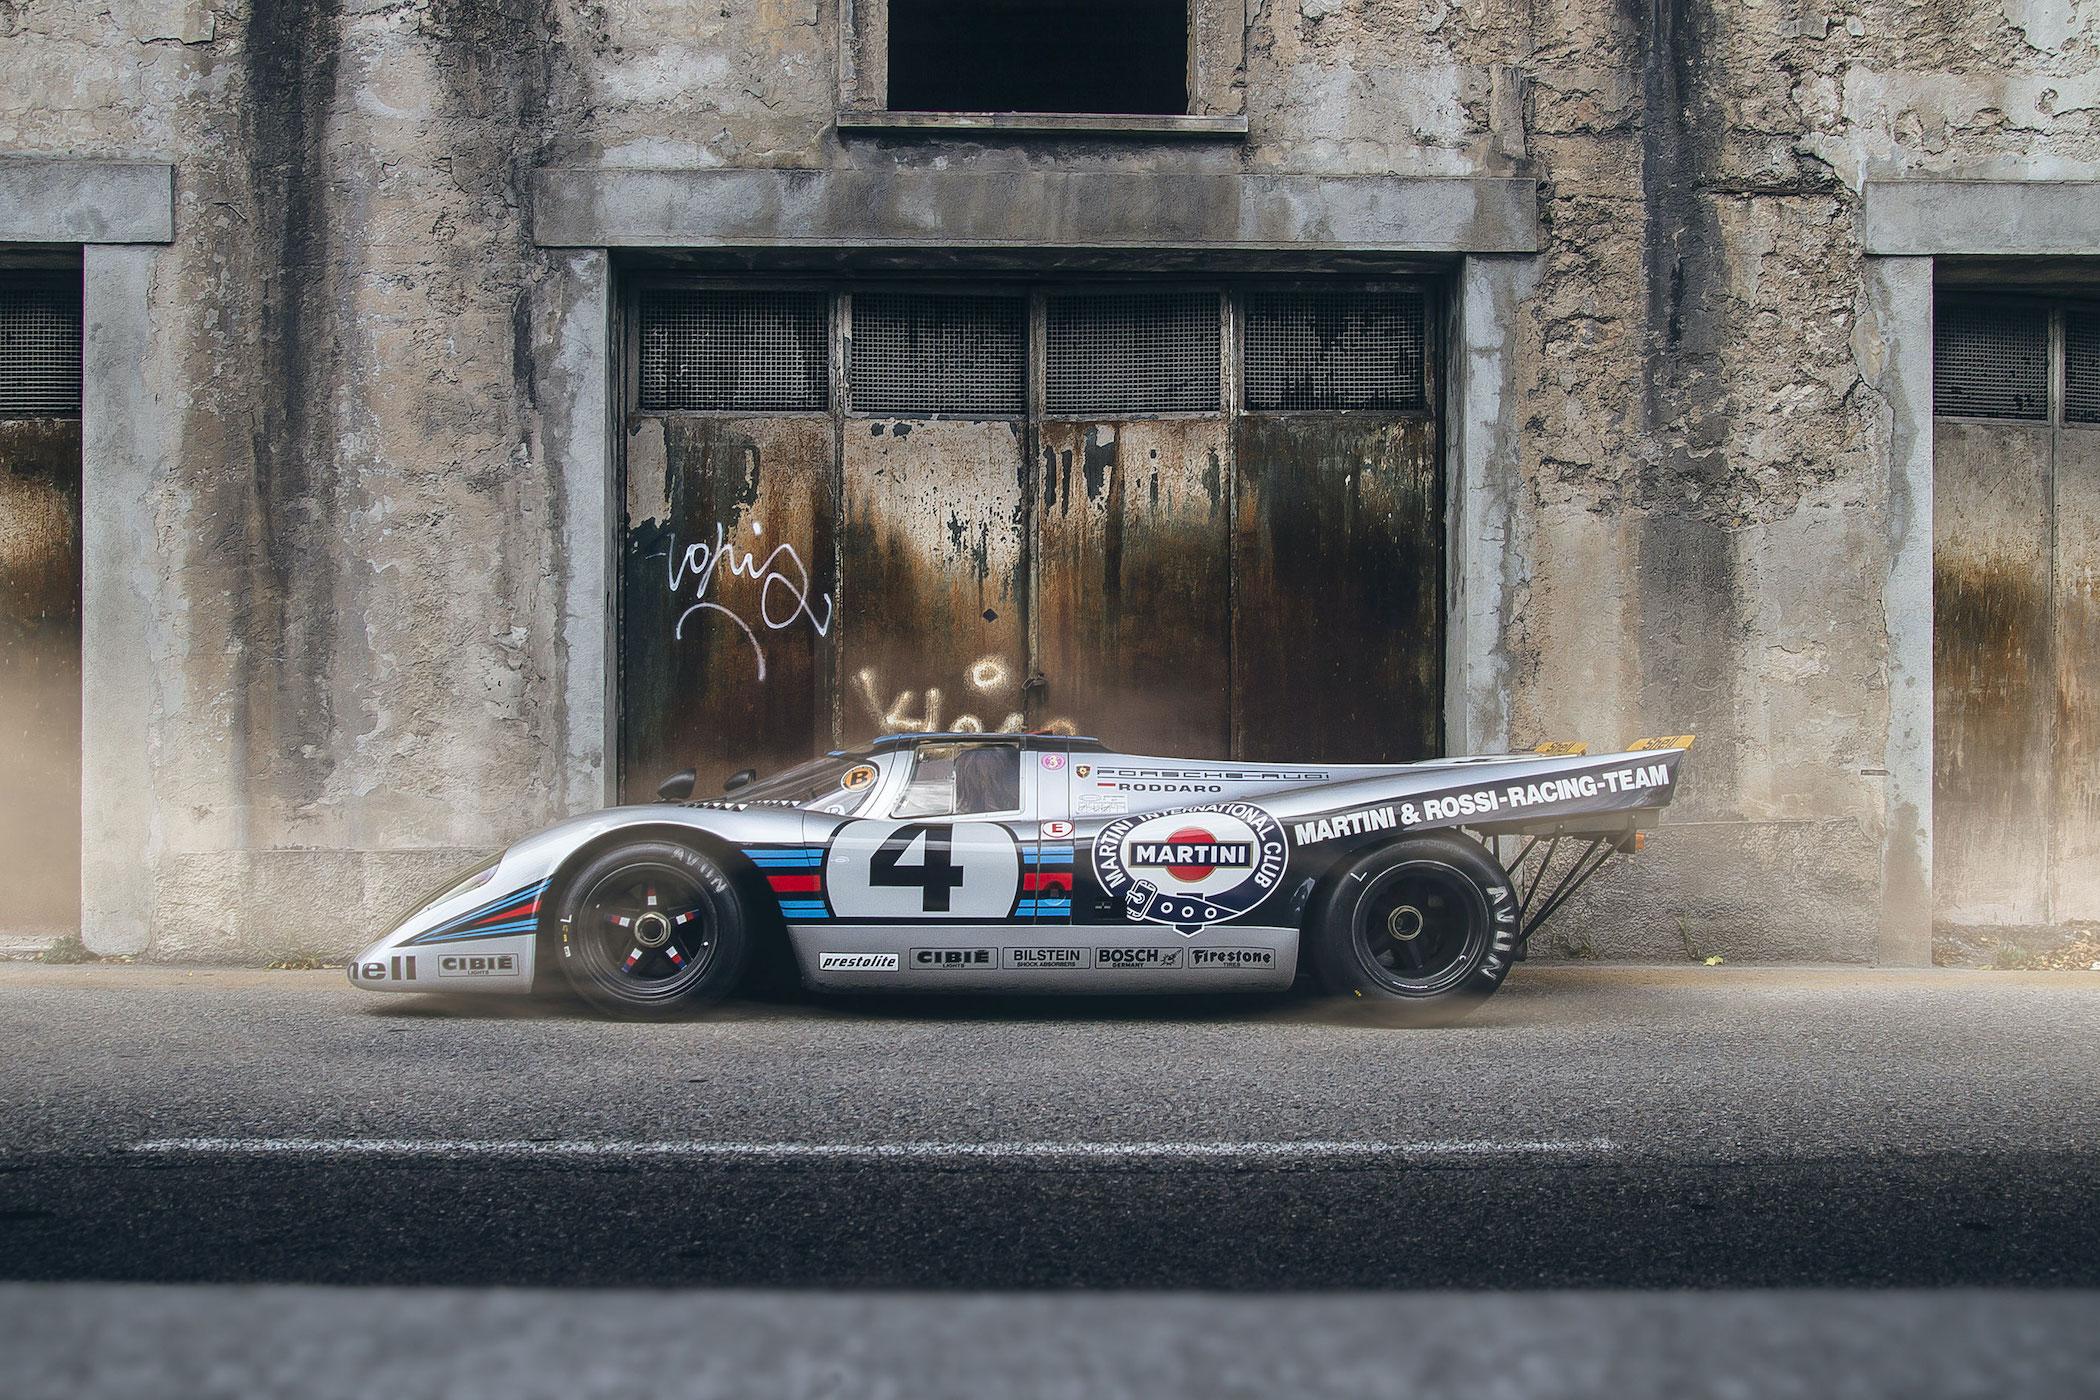 Porsche Race Cars >> The Petrolhead Corner Insane Road Legalized Porsche Race Cars